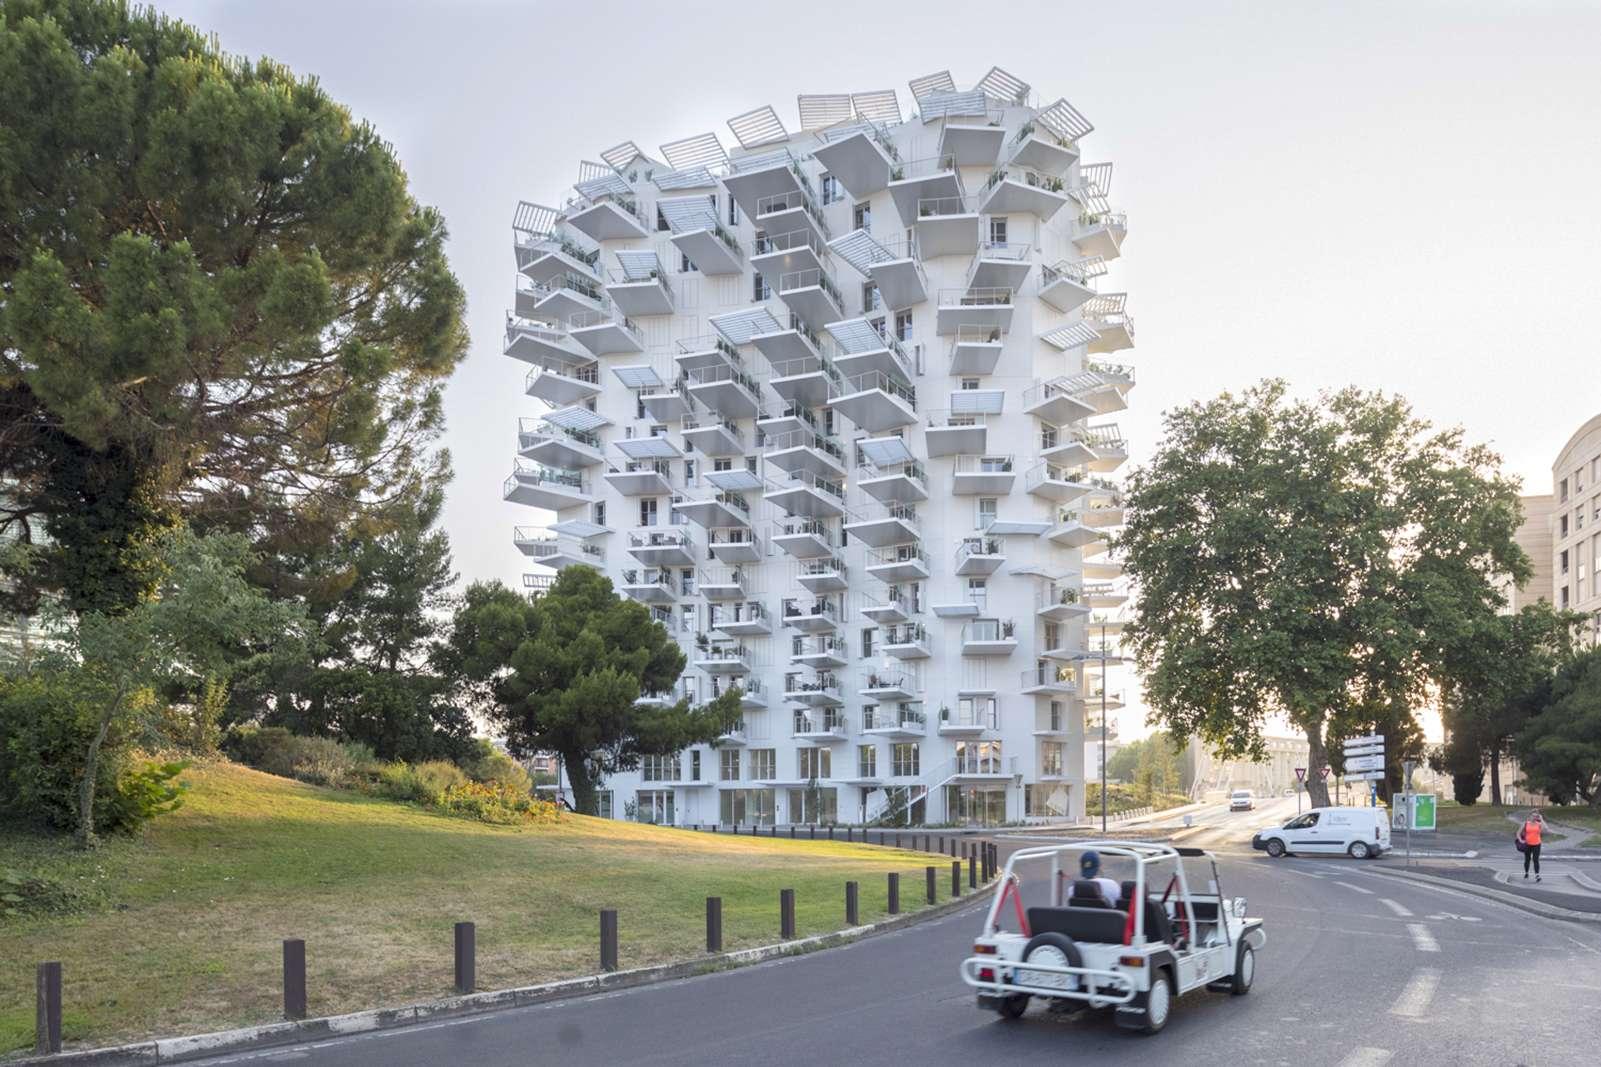 L'Arbre Blanc, à Montpellier, a été désigné comme plus bel immeuble d'habitation par le site Archdaily. © lartvues, Instagram